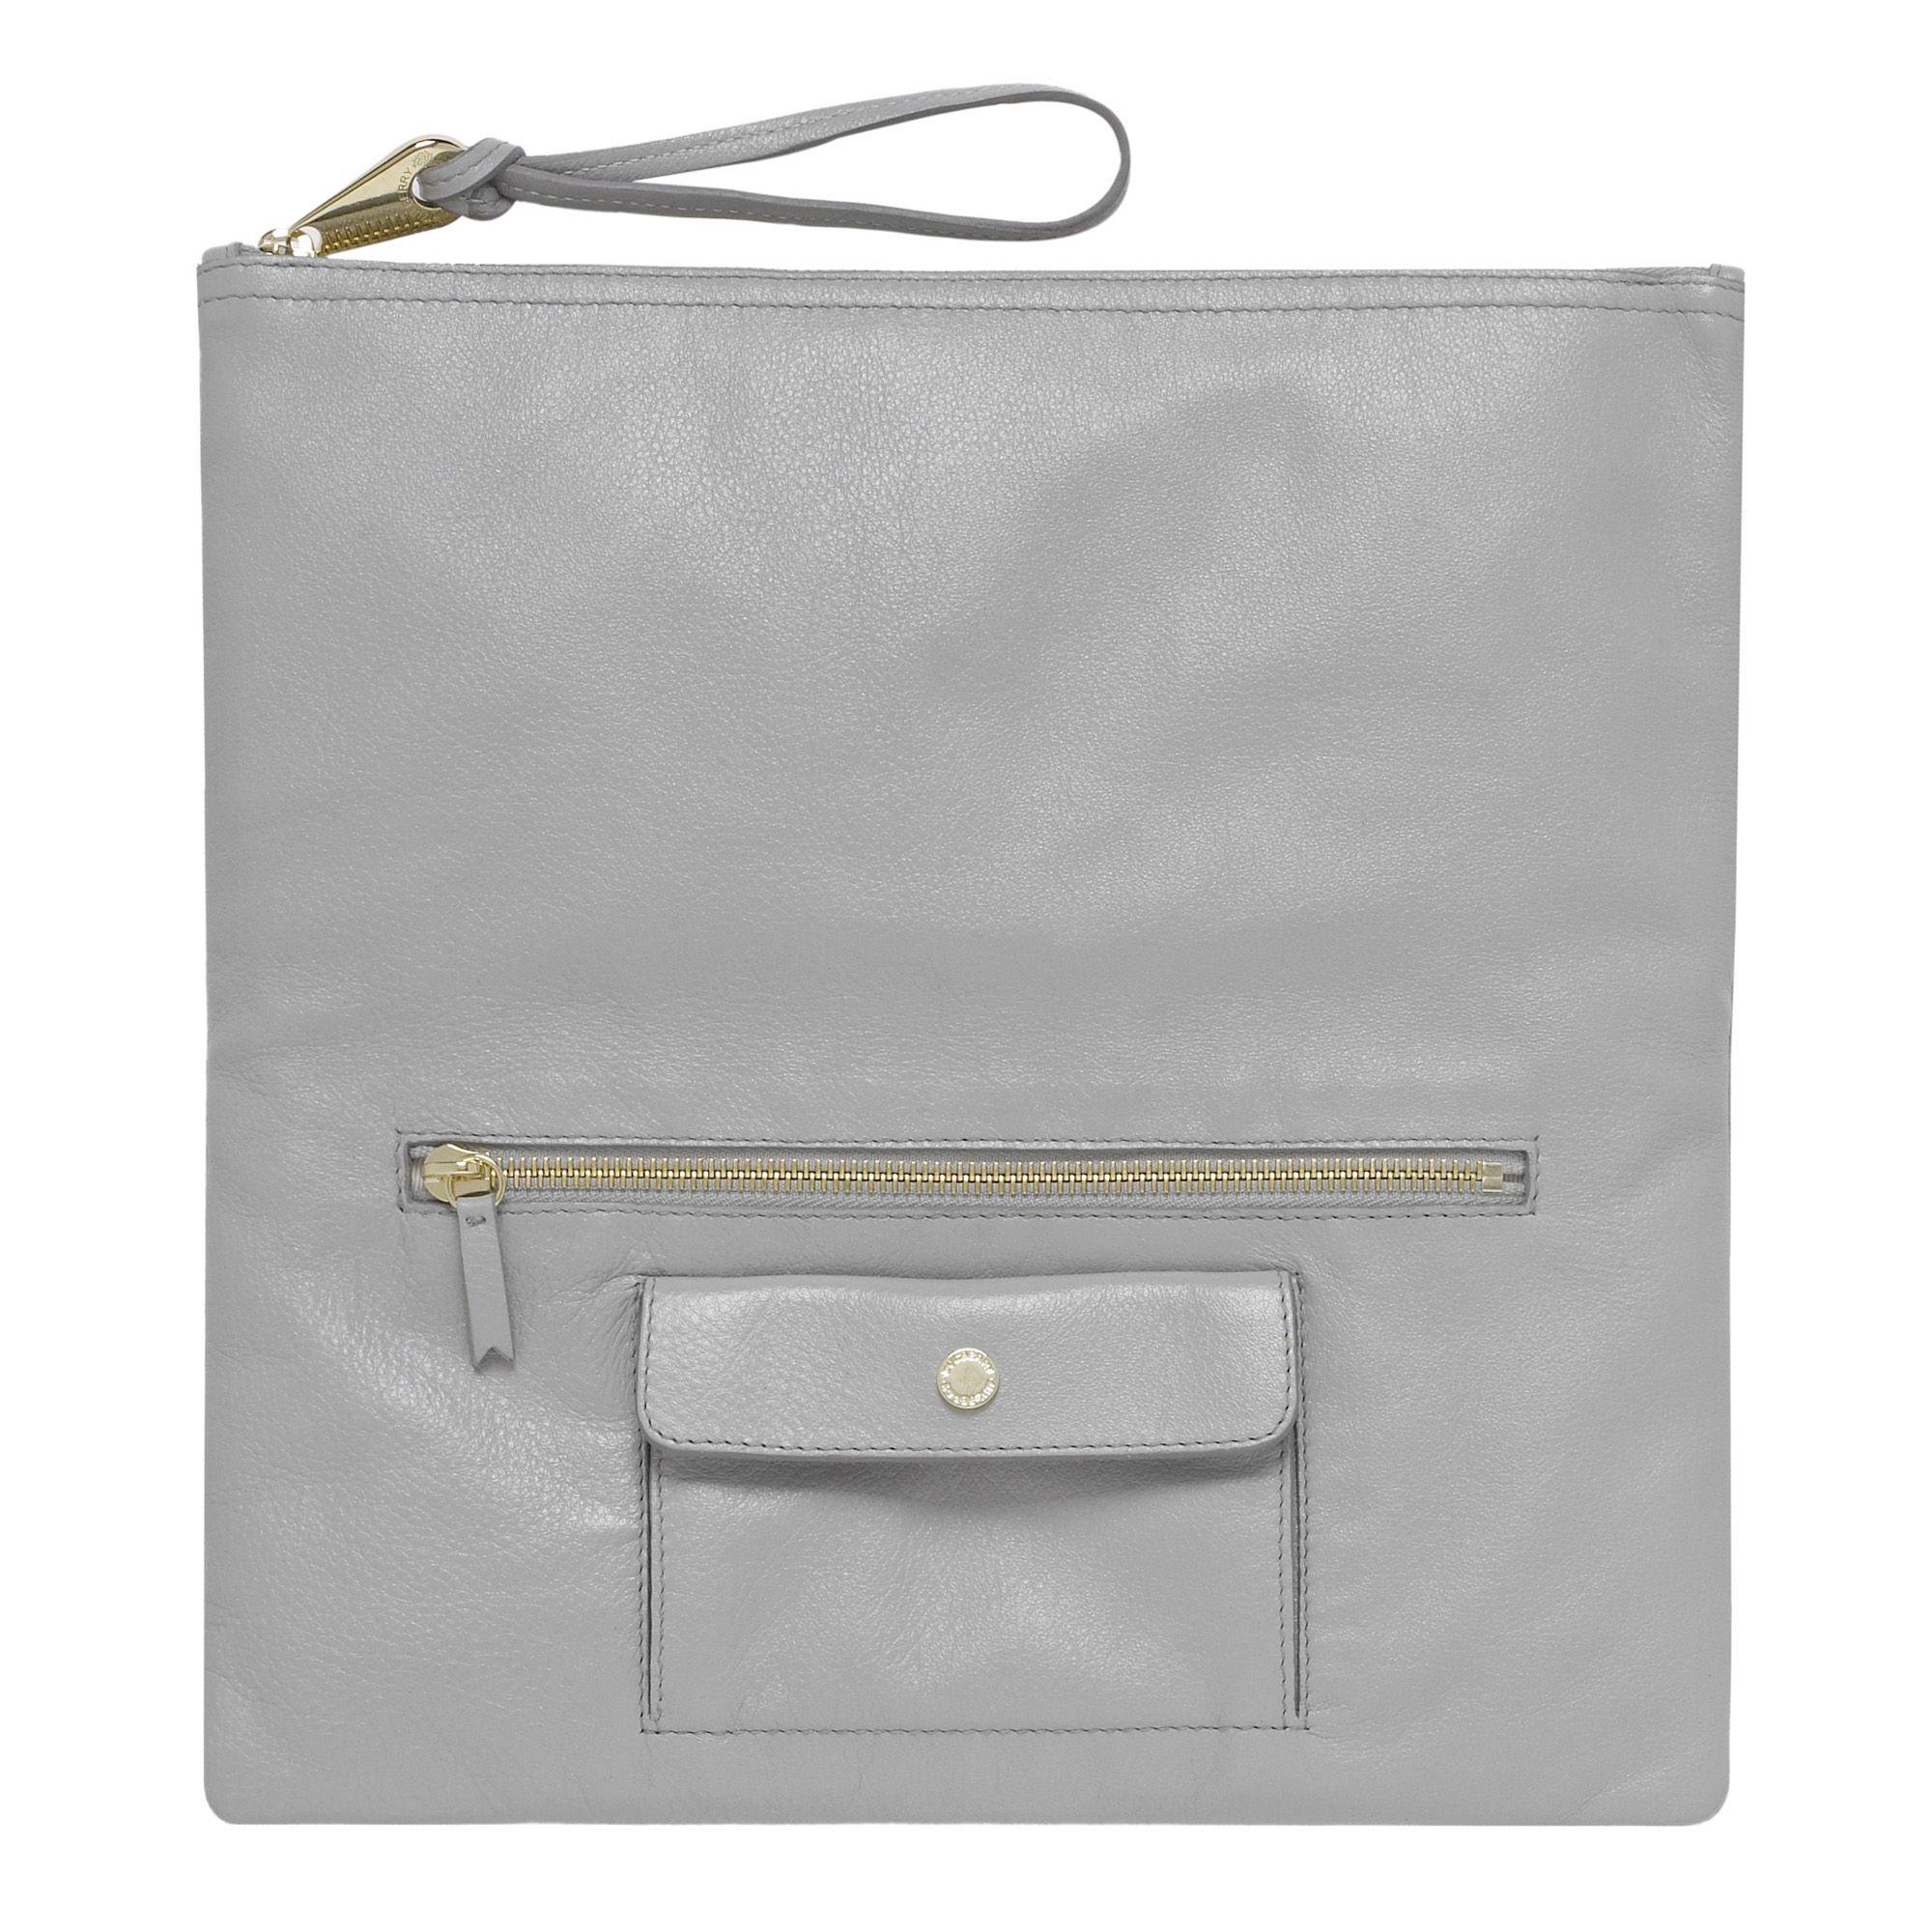 7b9f011c7aa ... australia mulberry daria clutch bag in natural lyst 96389 54d27 ...